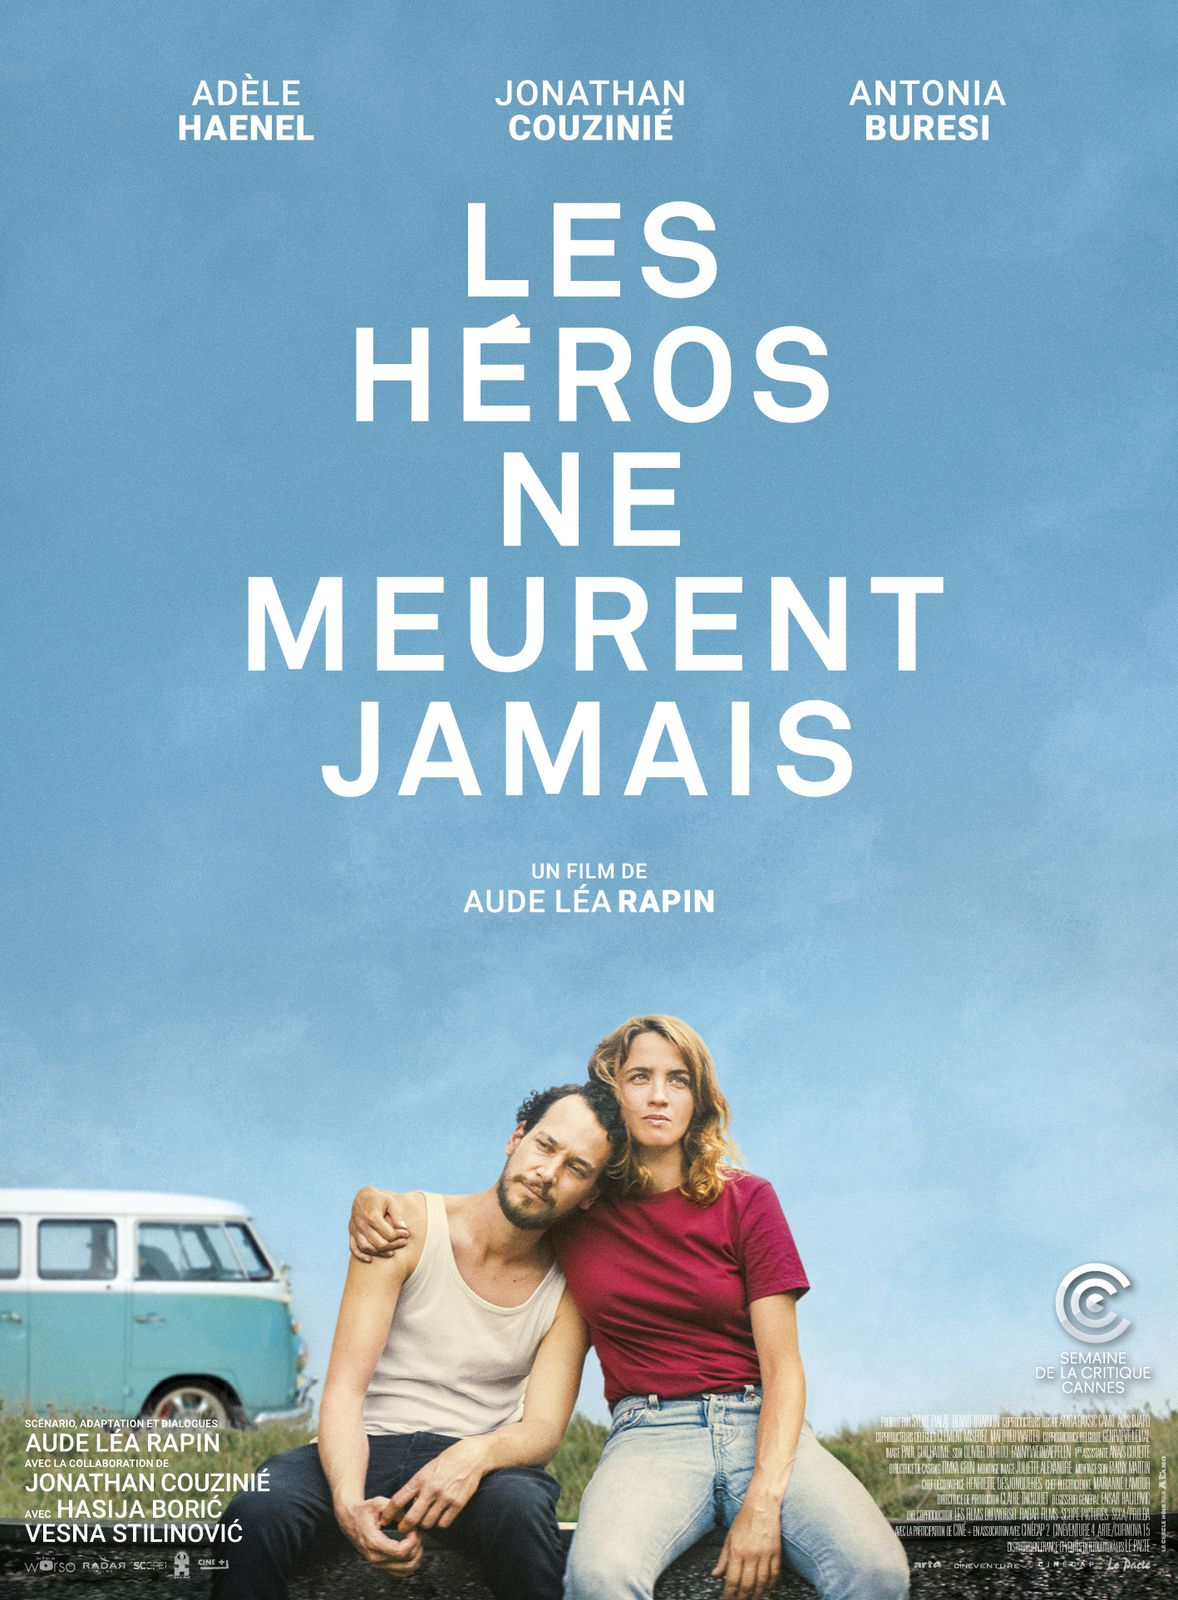 LES HÉROS NE MEURENT JAMAIS avec Adèle Haenel, Jonathan Couzinié et Antonia Buresi au Cinéma le 30 Septembre 2020